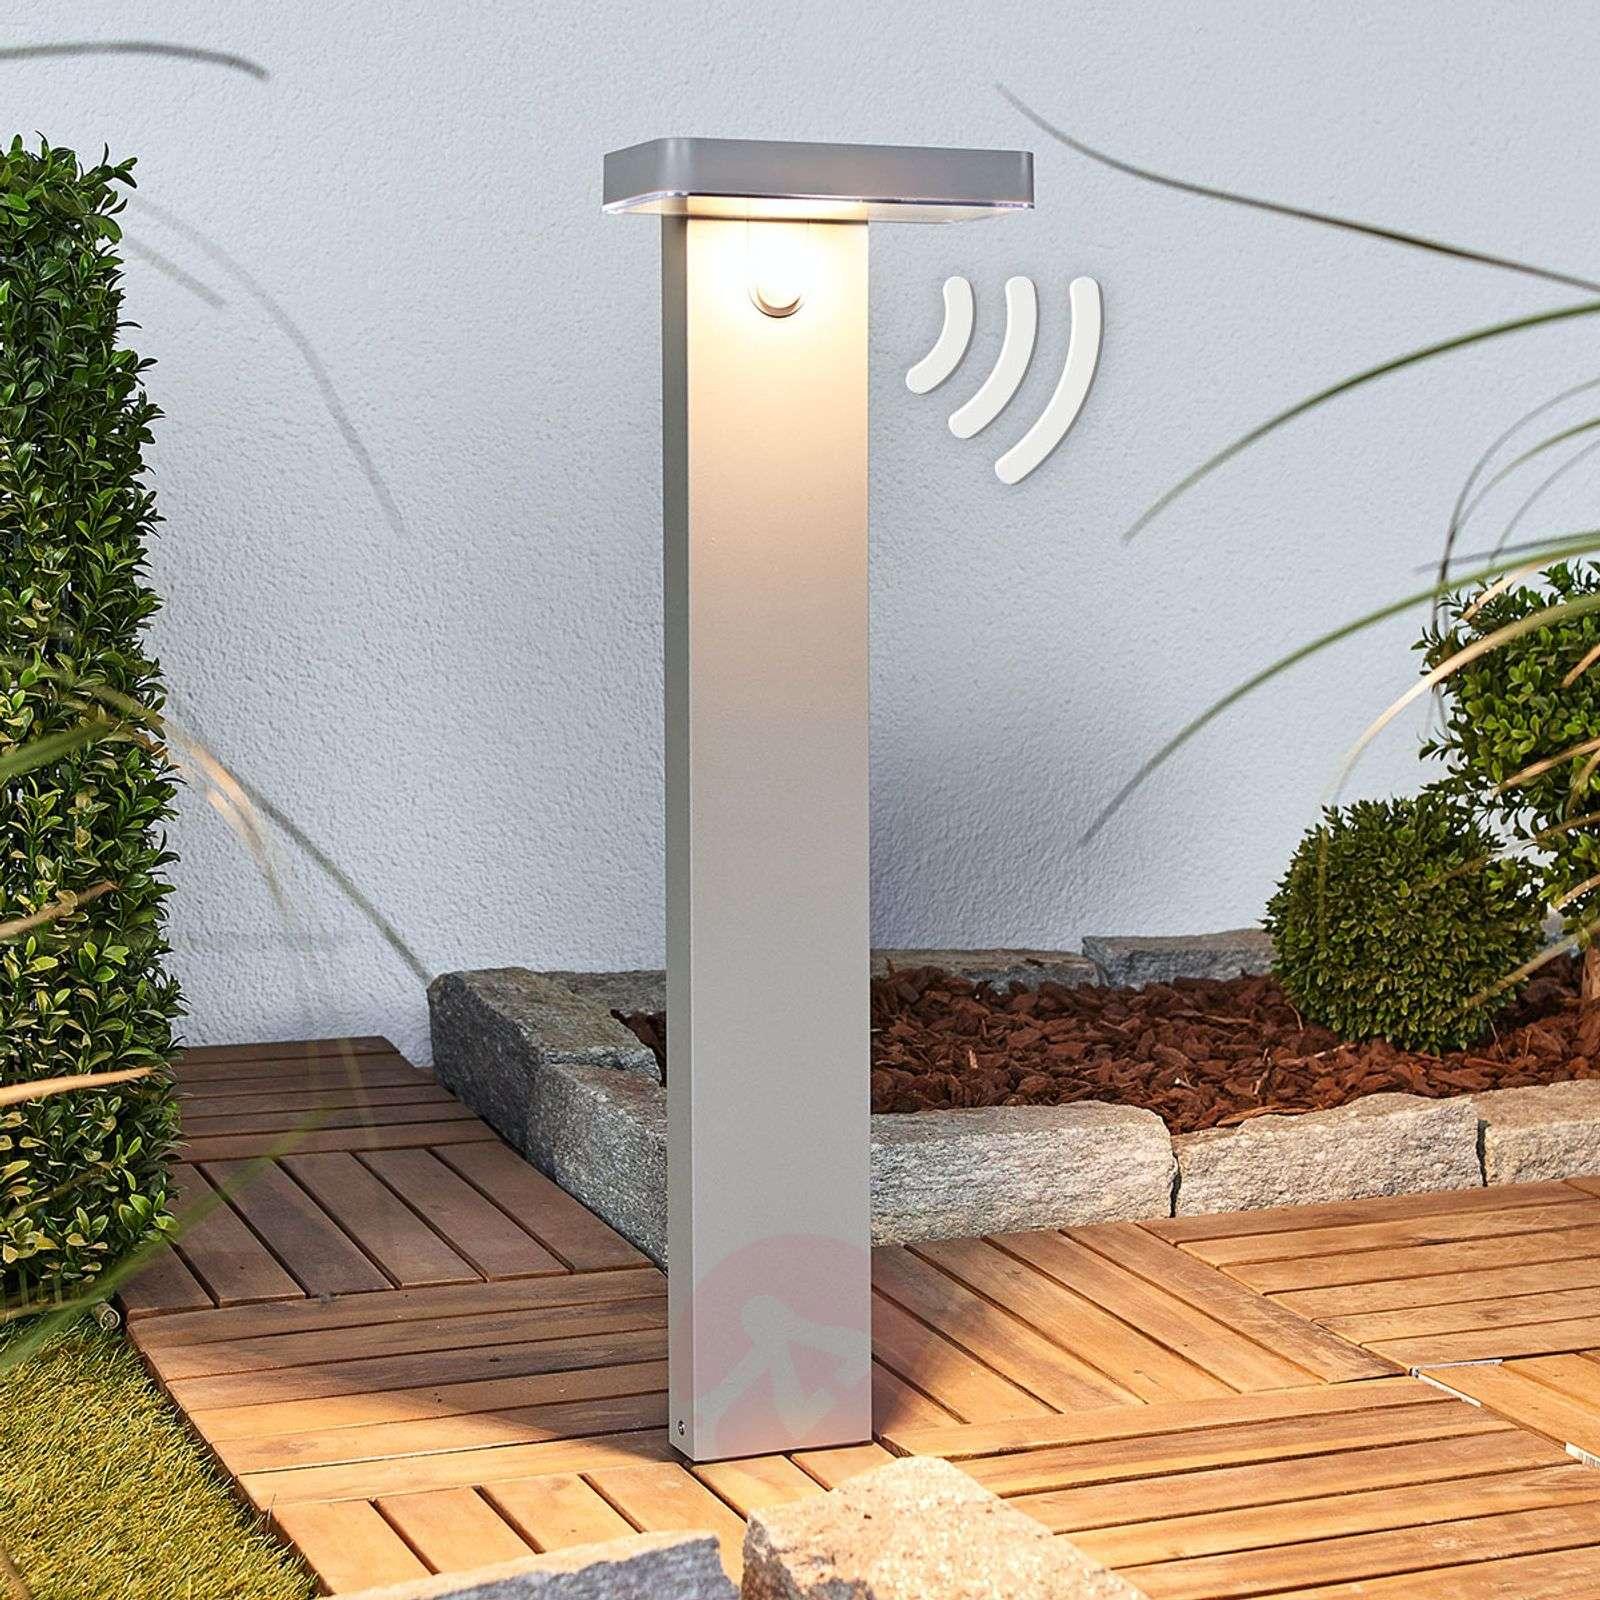 Maik LED-aurinkopollarivalaisin tunnistimella-9955066-01